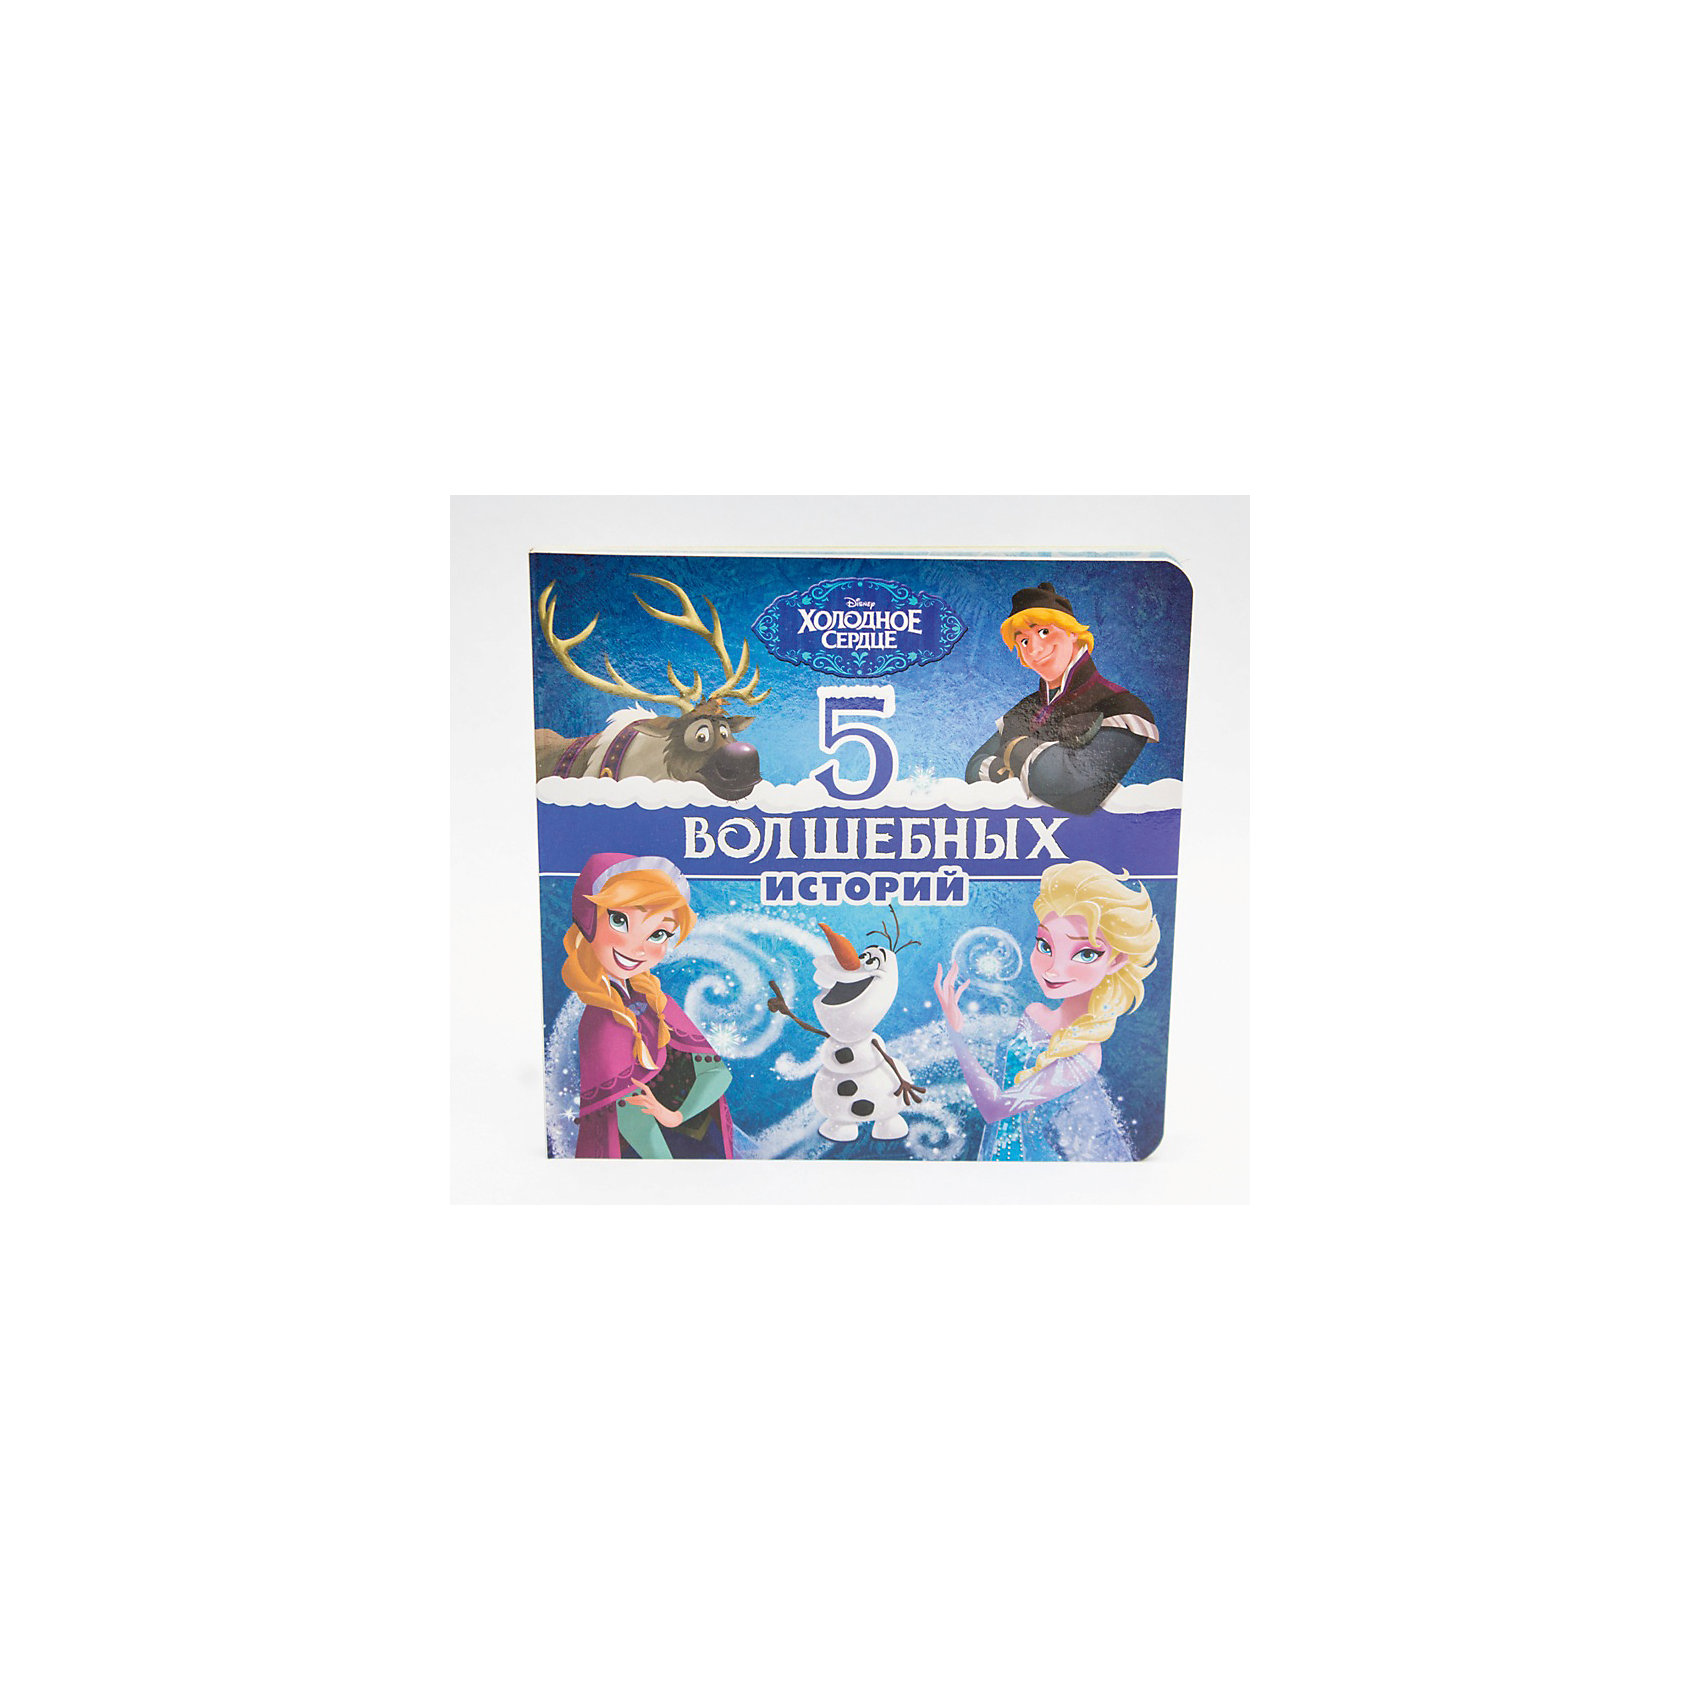 Пять волшебных историй, DisneyКниги по фильмам и мультфильмам<br>Книга Пять волшебных историй, Disney.<br><br>Характеристики:<br><br>• Издательство: Проф-Пресс, 2016 г.<br>• Серия: Disney. 5 историй<br>• Тип обложки: картонная обложка<br>• Оформление: вырубка<br>• Иллюстрации: цветные<br>• Количество страниц: 18 (картон)<br>• Размер: 195х195х10 мм.<br>• Вес: 258 гр.<br>• ISBN: 9785378257720<br><br>Мечтаешь о невероятных приключениях? Готова столкнуться с таинственной магией льда? Тогда скорее открывай эту книгу! Ты познакомишься со снежной королевой Эльзой и храброй принцессой Анной. А ещё ты узнаешь о новых приключения сестёр и их верных друзей. Вперёд! Тебя ждут 5 волшебных историй о любимых героях Холодного сердца! Для чтения взрослыми детям.<br><br>Книгу Пять волшебных историй, Disney можно купить в нашем интернет-магазине.<br><br>Ширина мм: 195<br>Глубина мм: 10<br>Высота мм: 195<br>Вес г: 0<br>Возраст от месяцев: 36<br>Возраст до месяцев: 2147483647<br>Пол: Унисекс<br>Возраст: Детский<br>SKU: 5452242